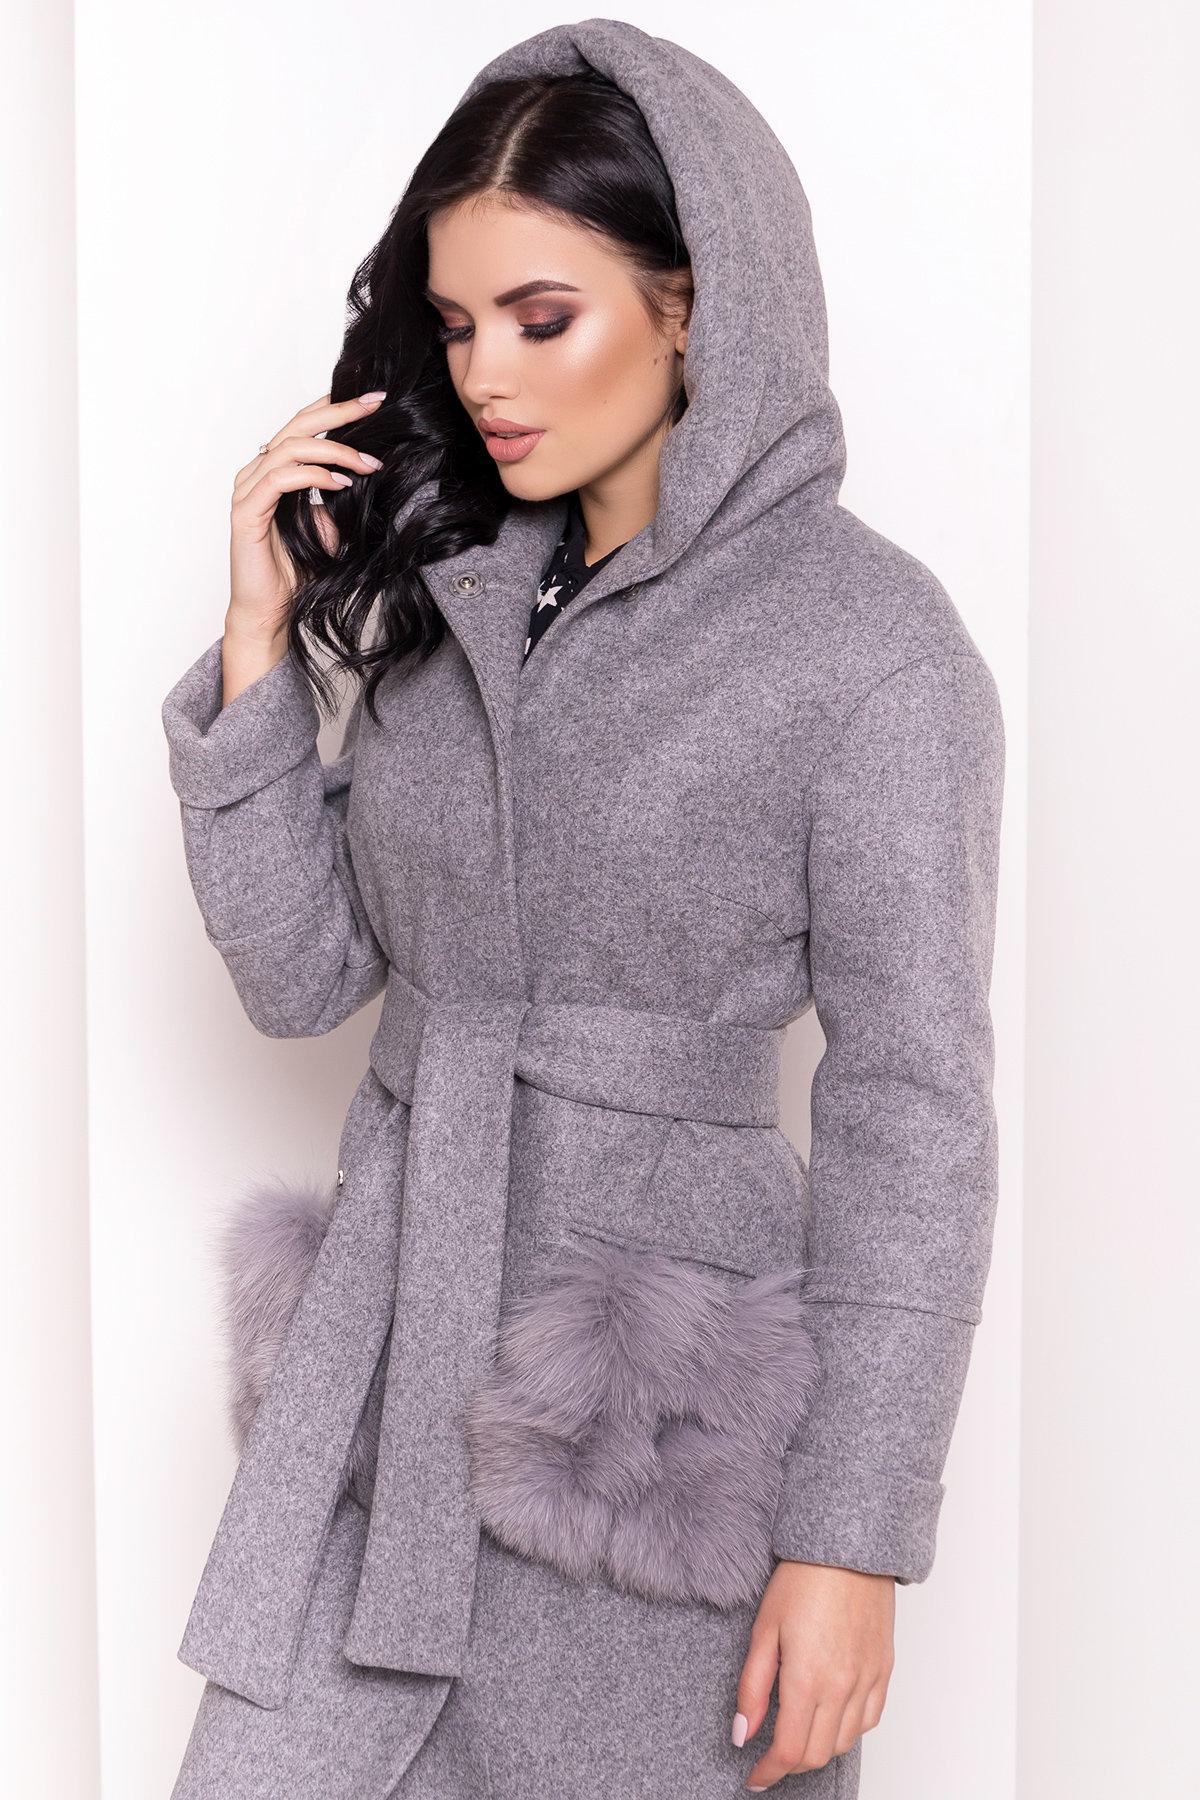 Пальто зима Анита 5762 АРТ. 38116 Цвет: Серый Светлый 77 - фото 5, интернет магазин tm-modus.ru